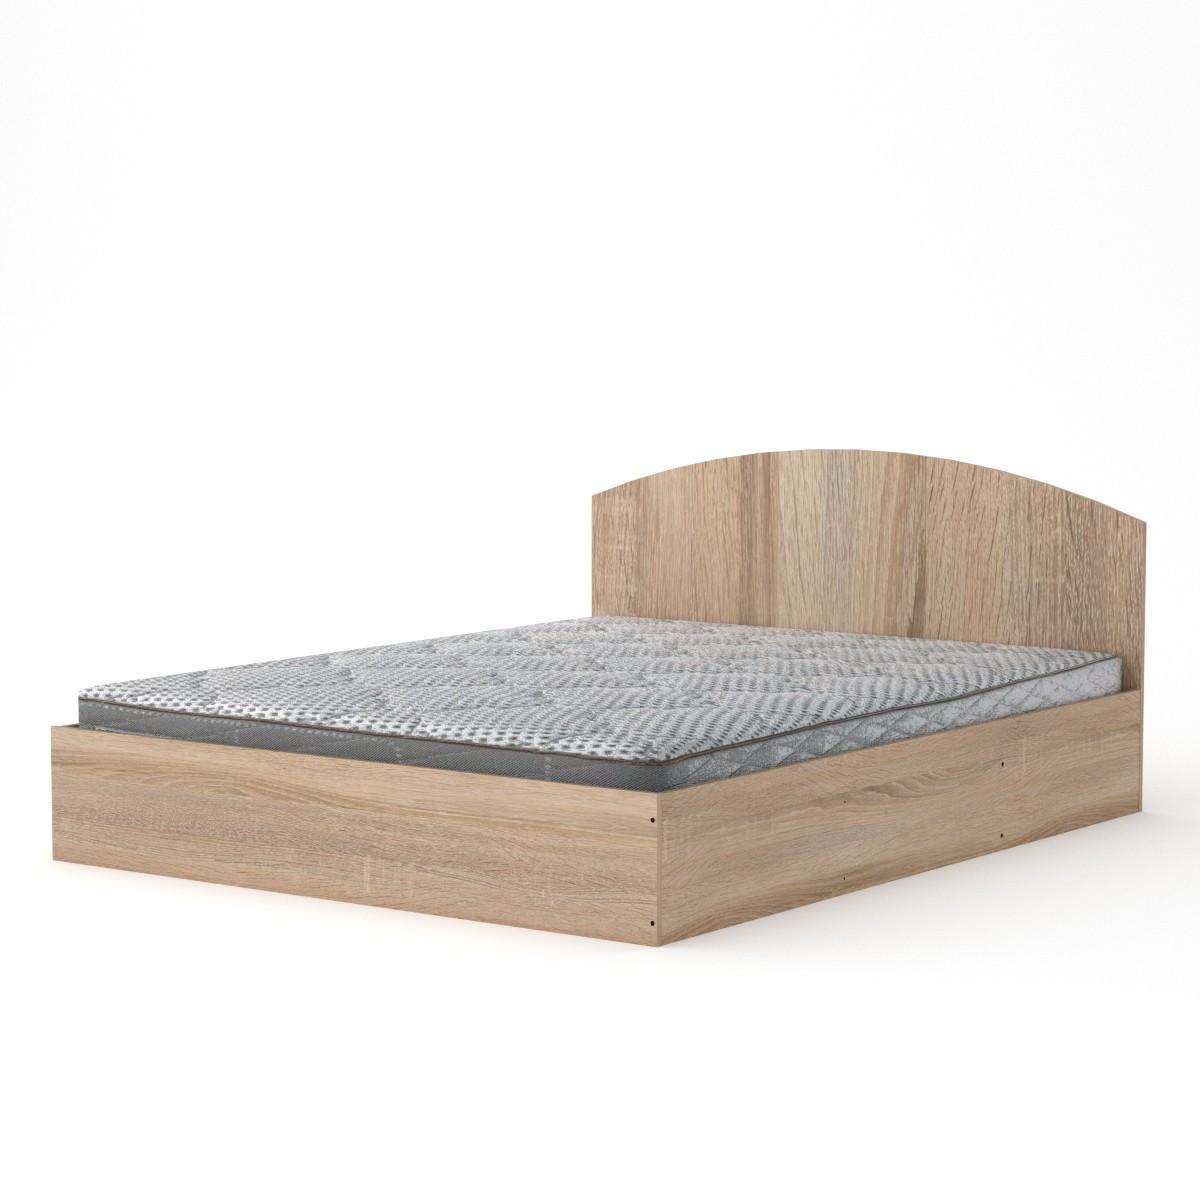 Кровать 140 дуб сонома Компанит (144х202х75 см)